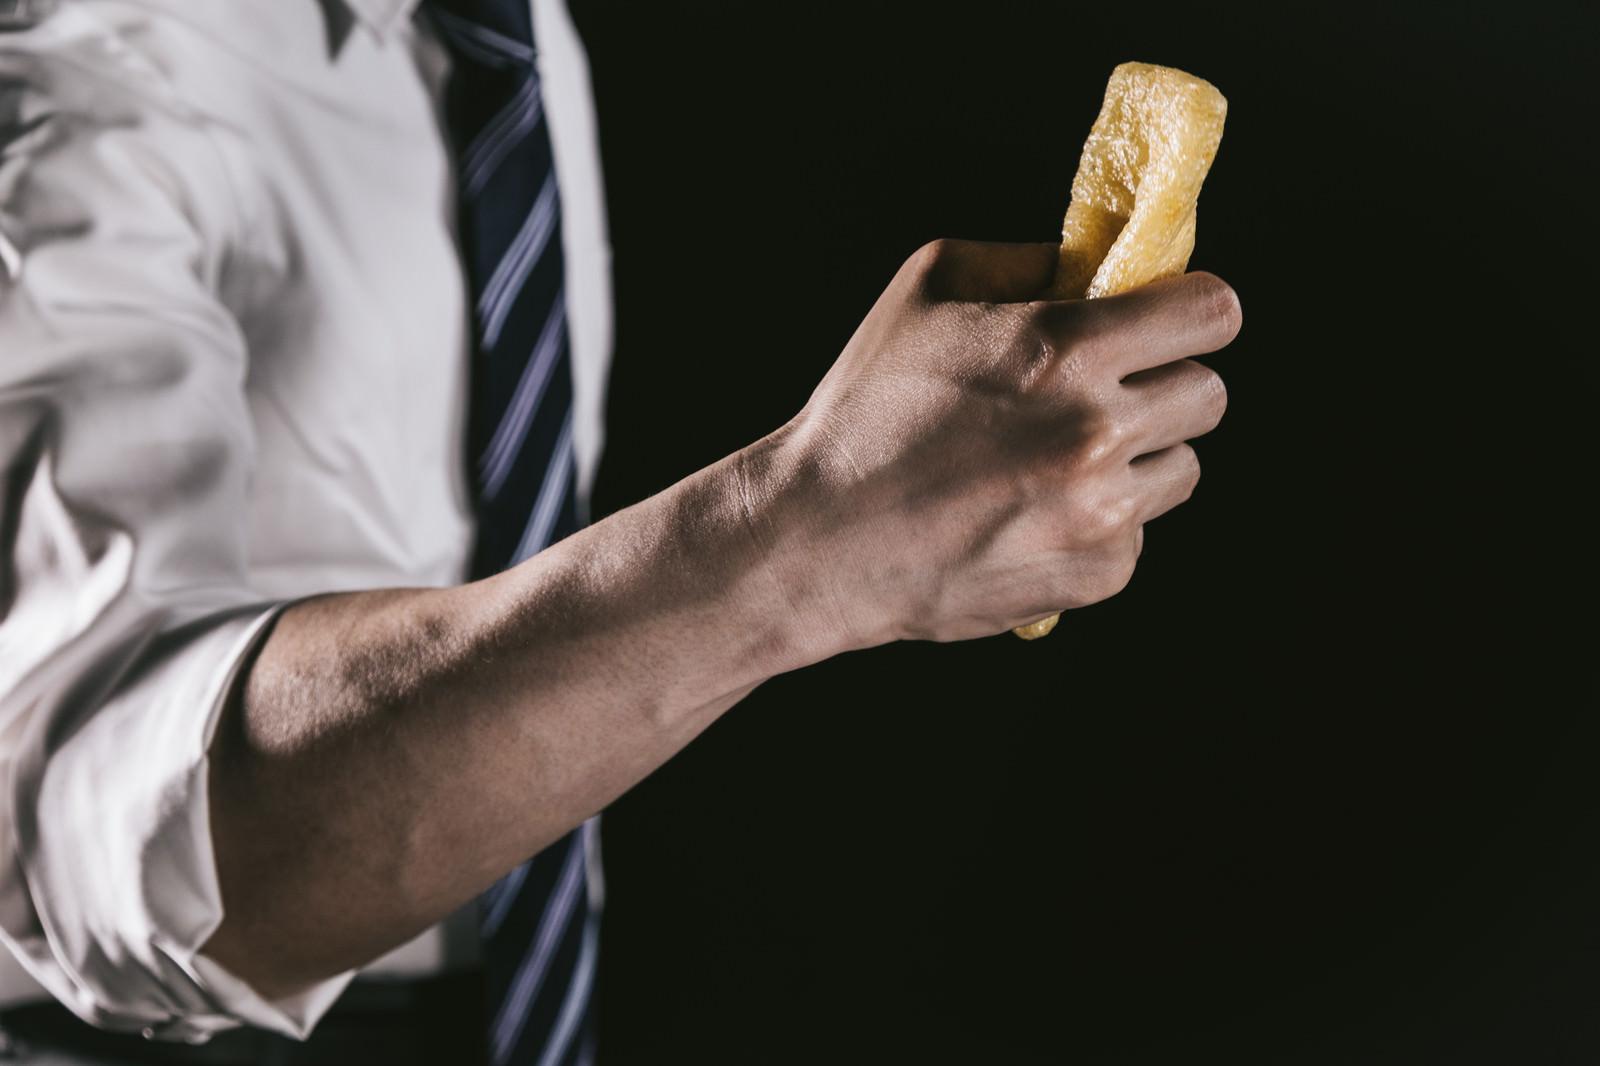 「油揚げを握りしめる男性の腕油揚げを握りしめる男性の腕」[モデル:大川竜弥]のフリー写真素材を拡大